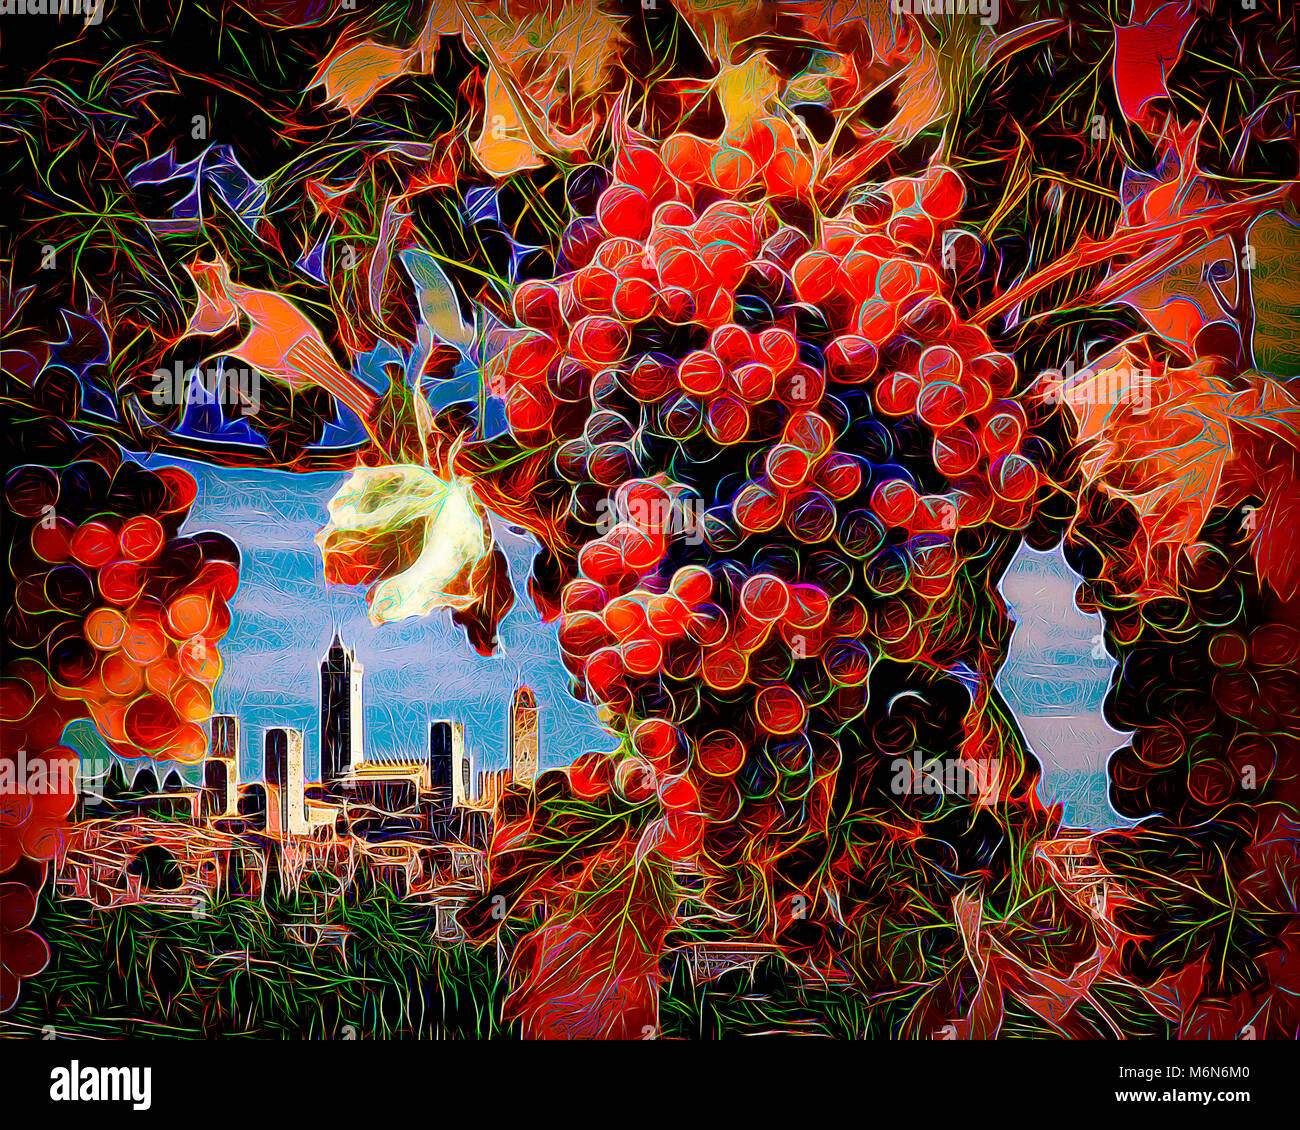 Arte: San Gimignano, Toscana, Italia Immagini Stock